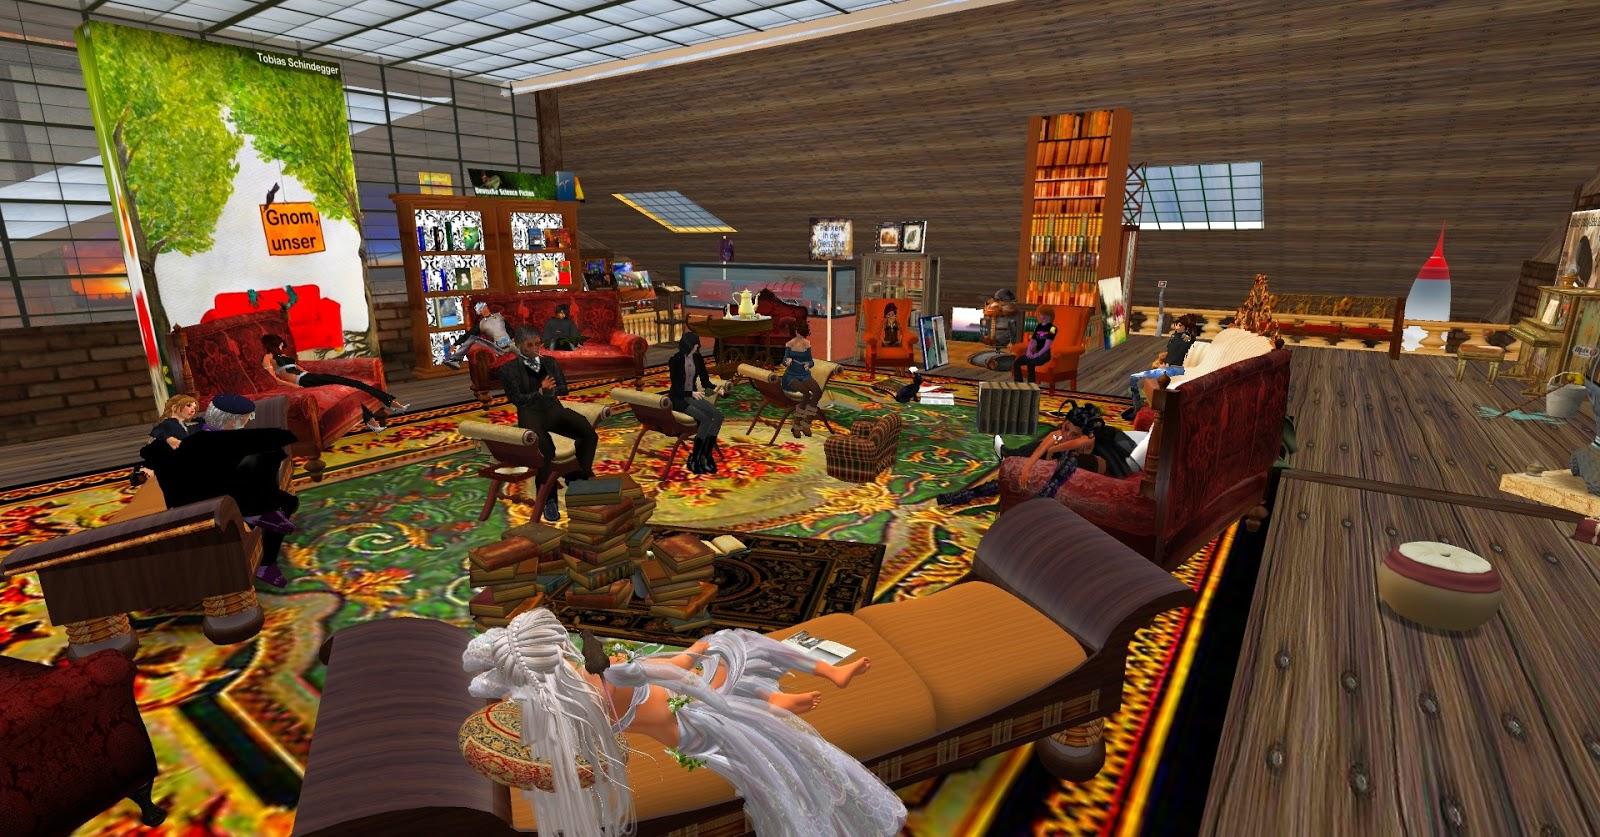 Gnom, unser in Second Life ... :-) - Bilder von BukTomBlog